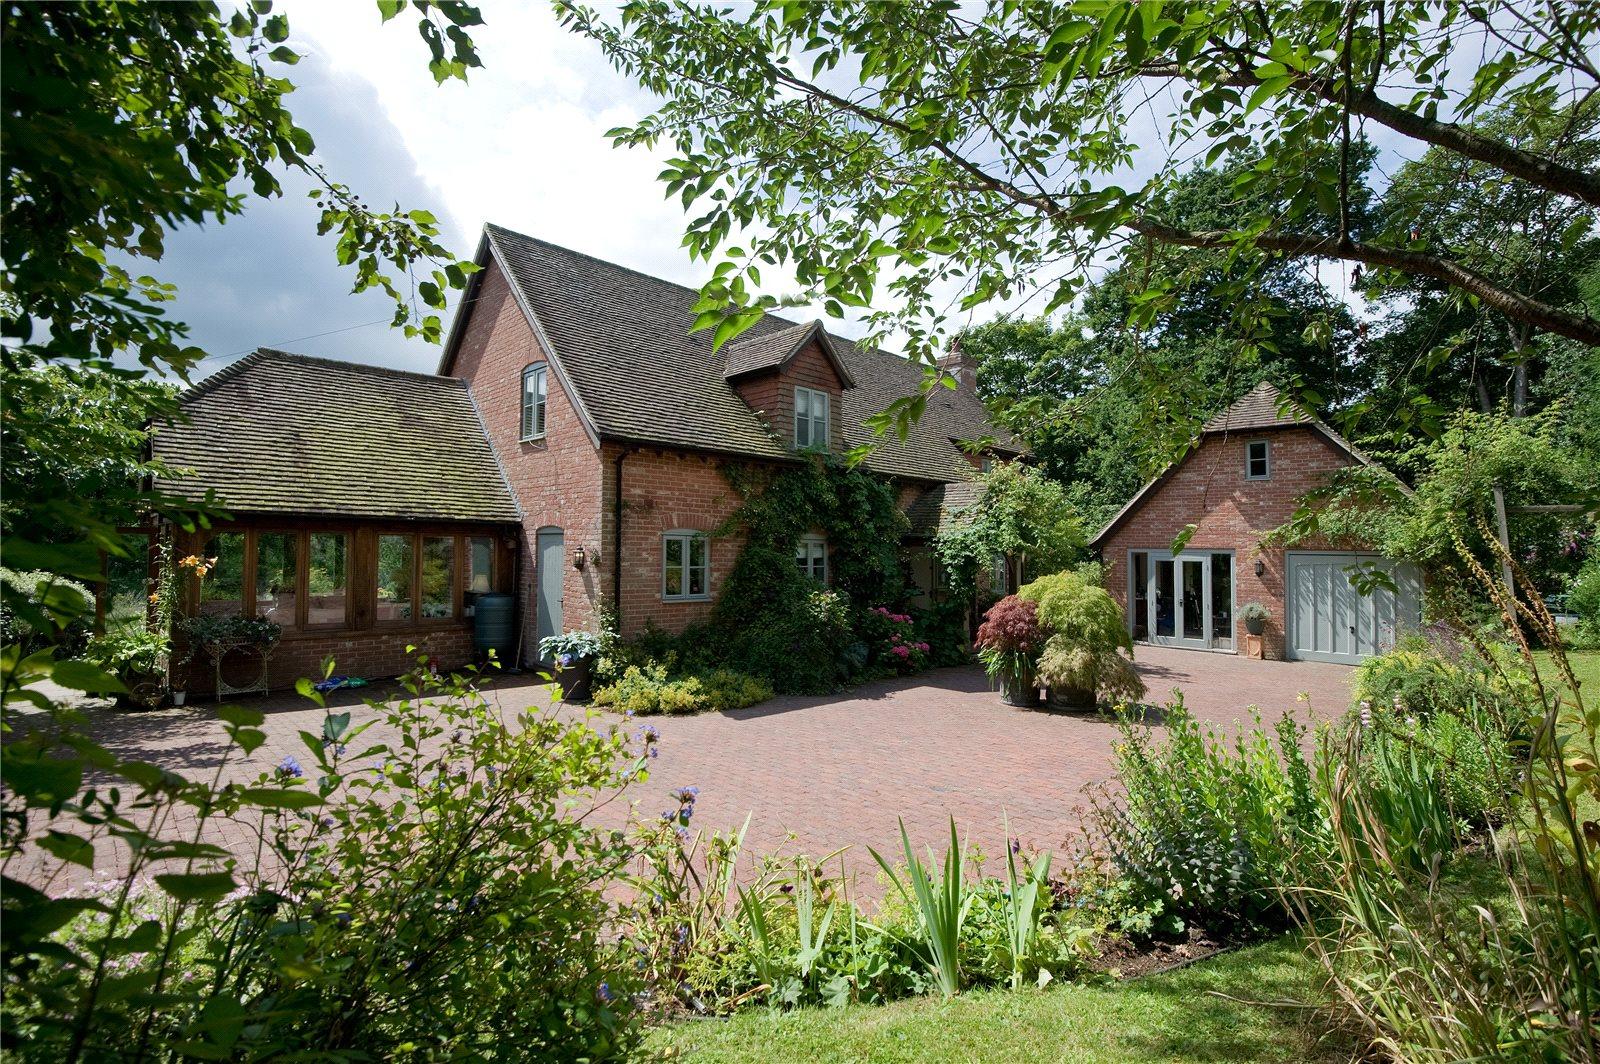 独户住宅 为 销售 在 Tottingworth Park, Broad Oak, Nr Heathfield, East Sussex, TN21 East Sussex, 英格兰